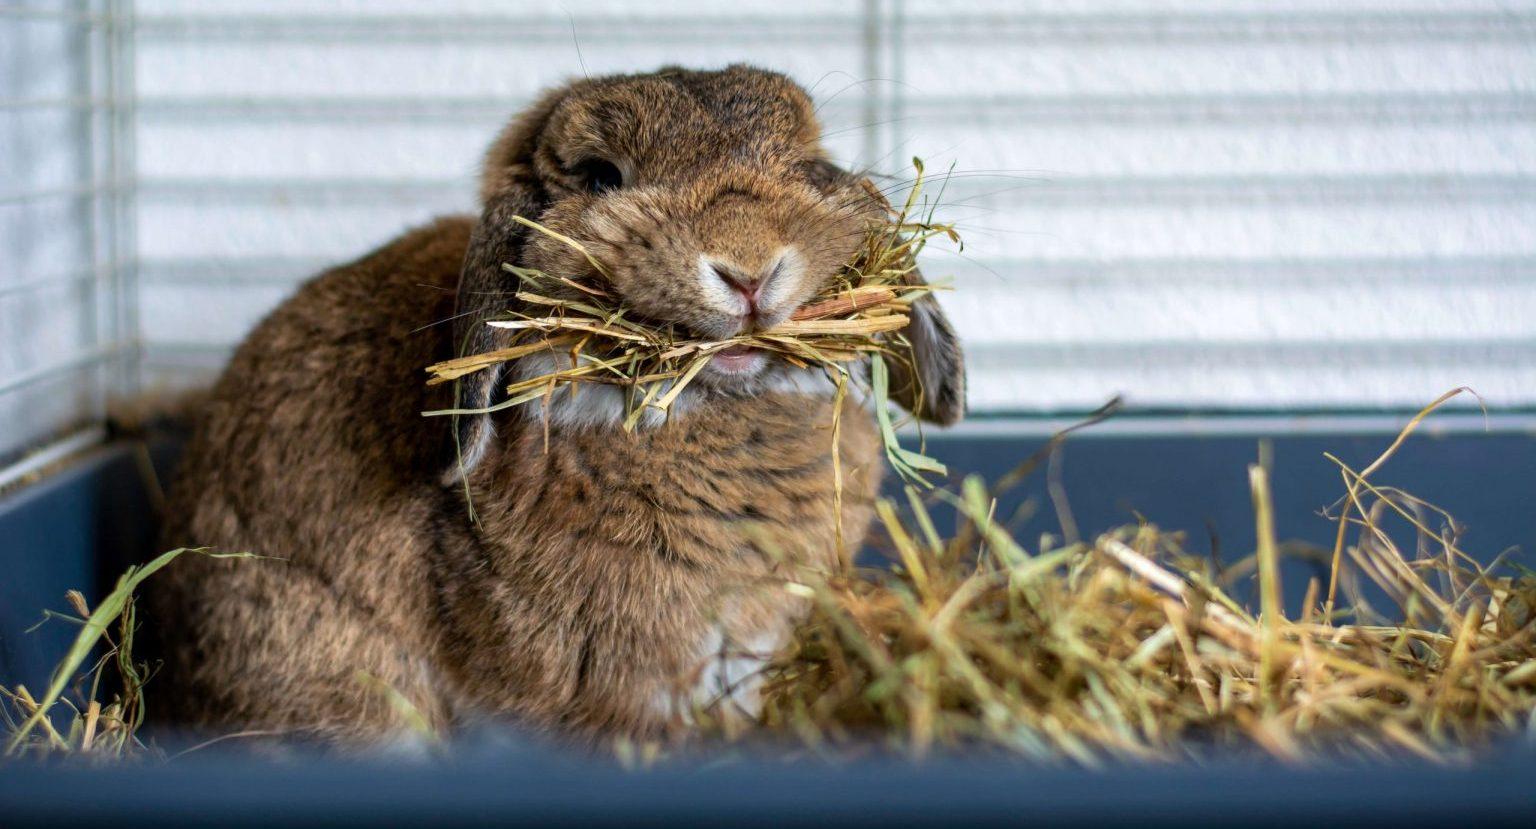 Le lapin savourant son foin constituant 80% de son alimentation